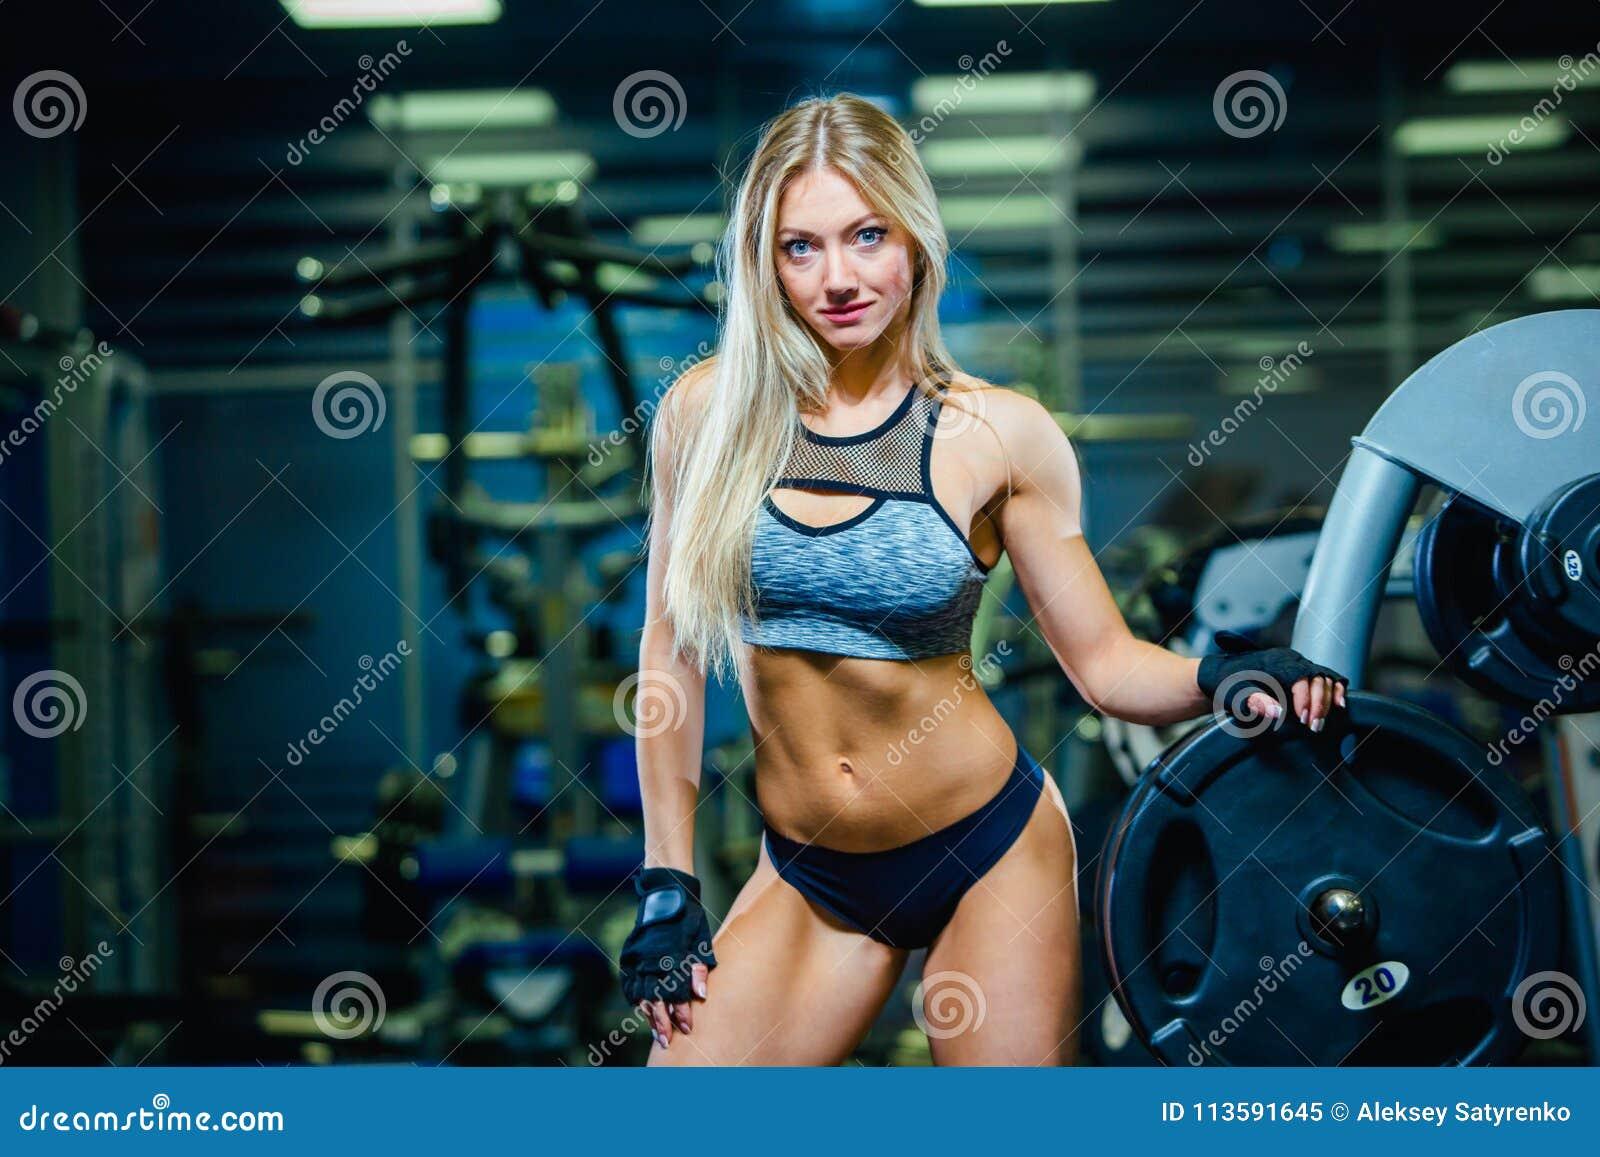 Μυϊκή προκλητική χαλάρωση γυναικών γυναικών ικανότητας στη γυμναστική concept healthy lifestyle Bodybuilder στη γυμναστική